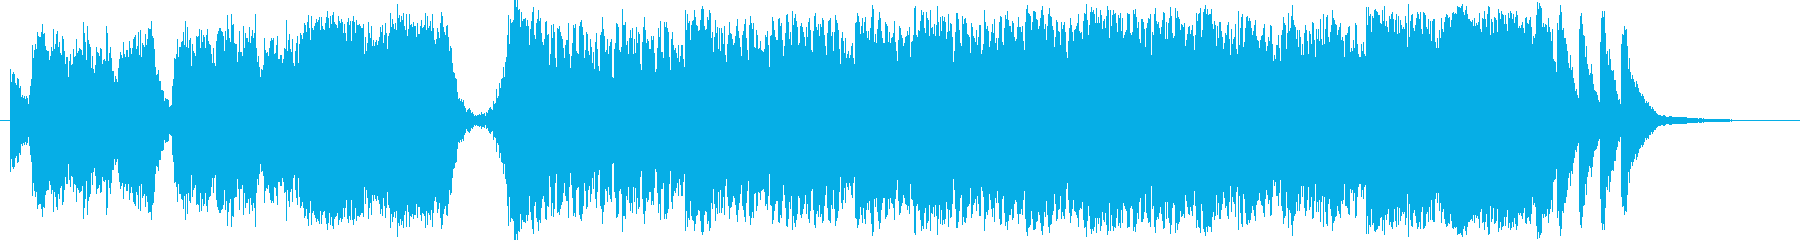 カルミナブラーナ風コーラス曲の再生済みの波形